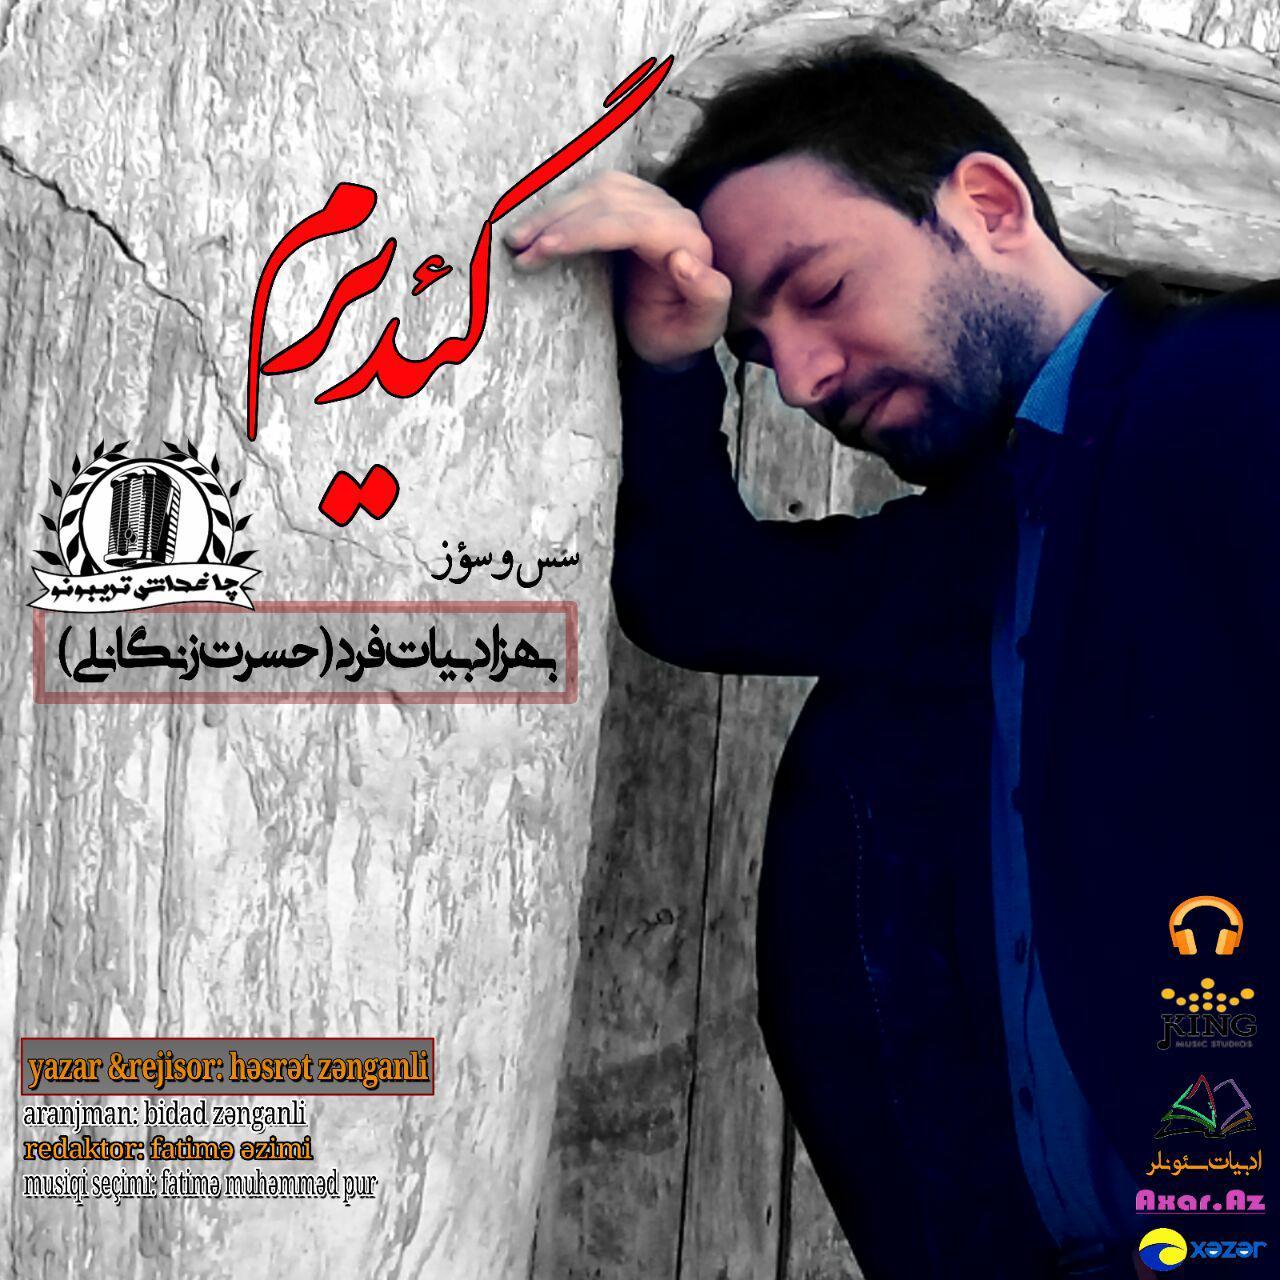 http://s9.picofile.com/file/8336048534/04Hasrat_Zanganli_Gedirem.jpg